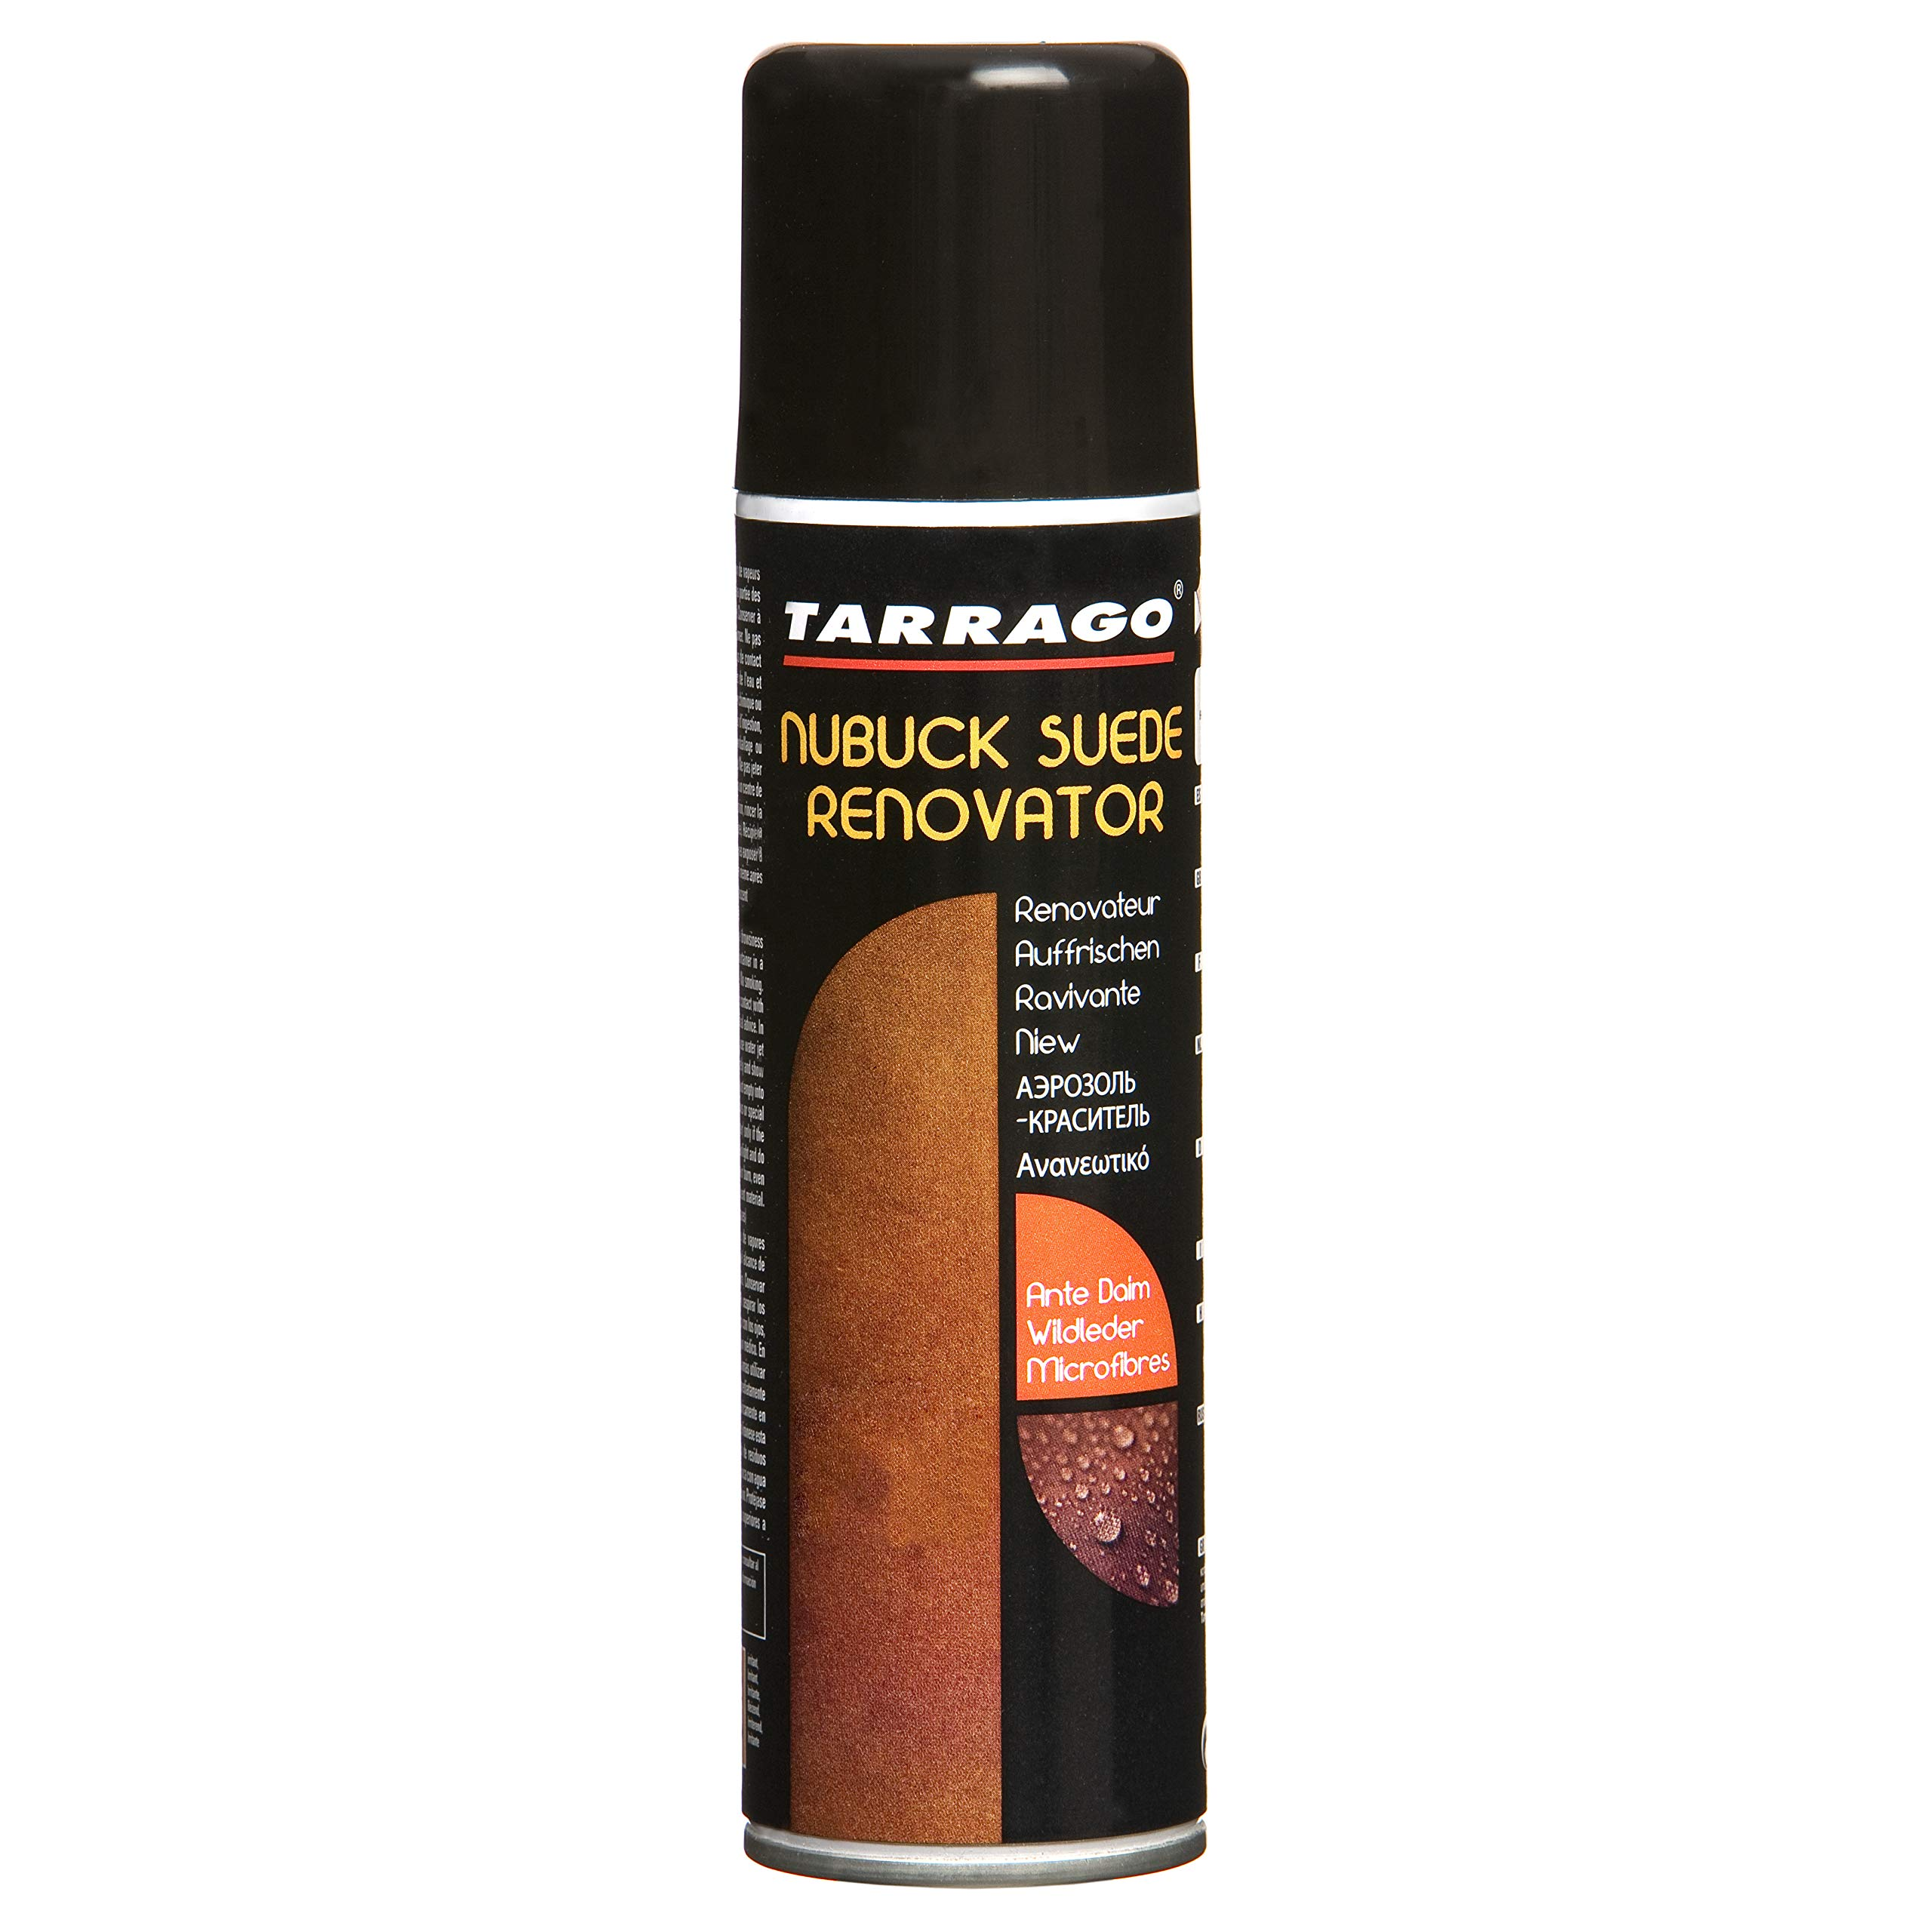 6cc0f4c83f2 Tarrago Suede Renovator, Spray para Zapatos y Bolsos Unisex Adulto product  image